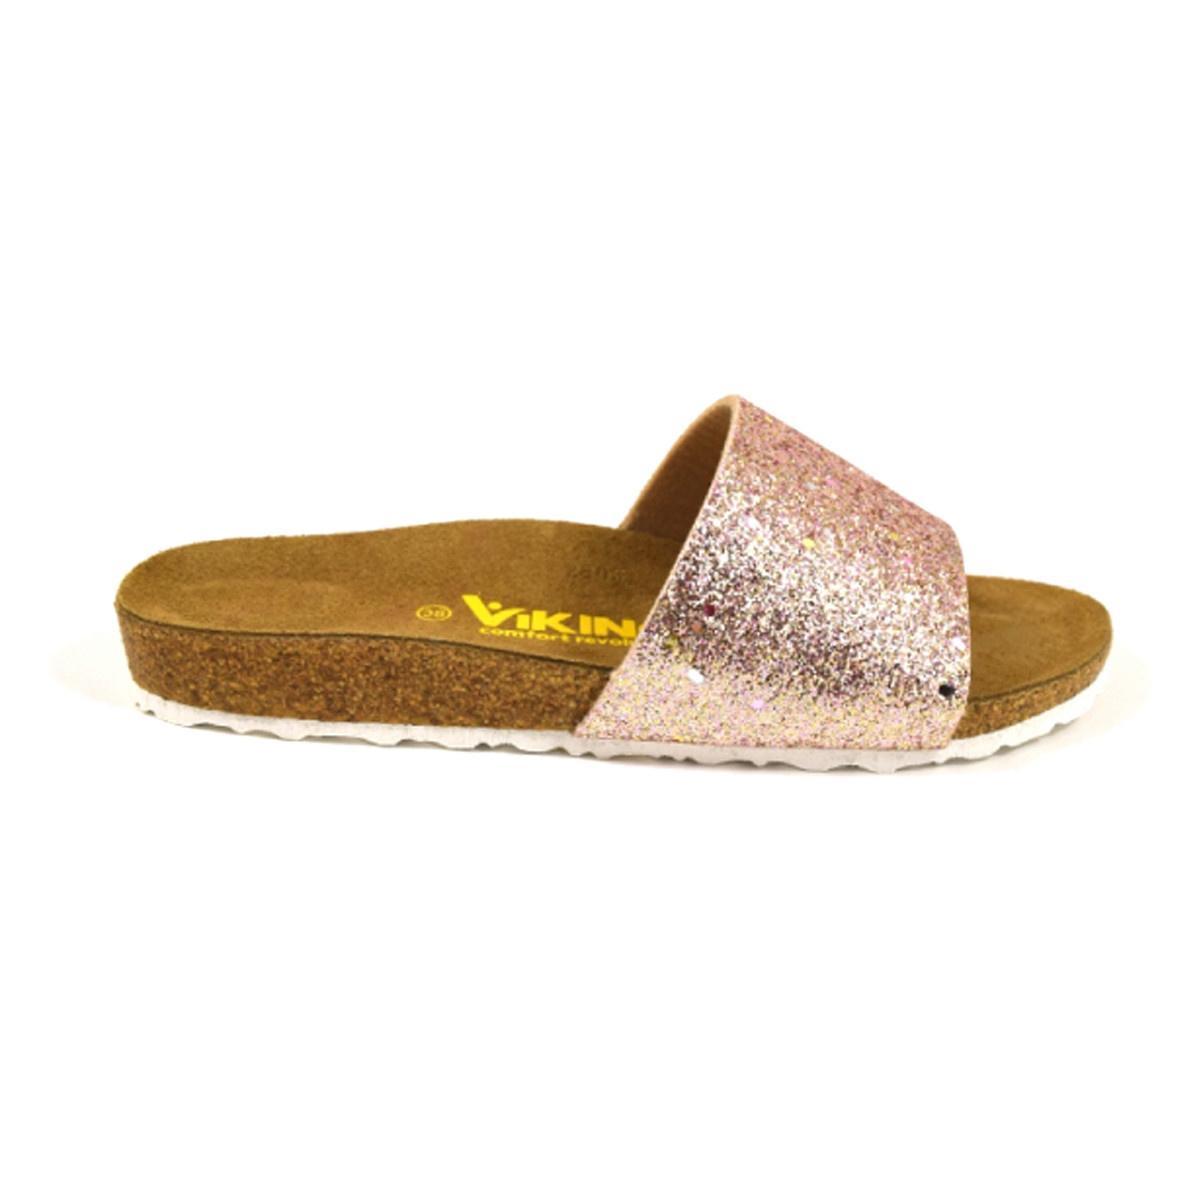 Viking Viking Lite Mission Pink Gold Glitter